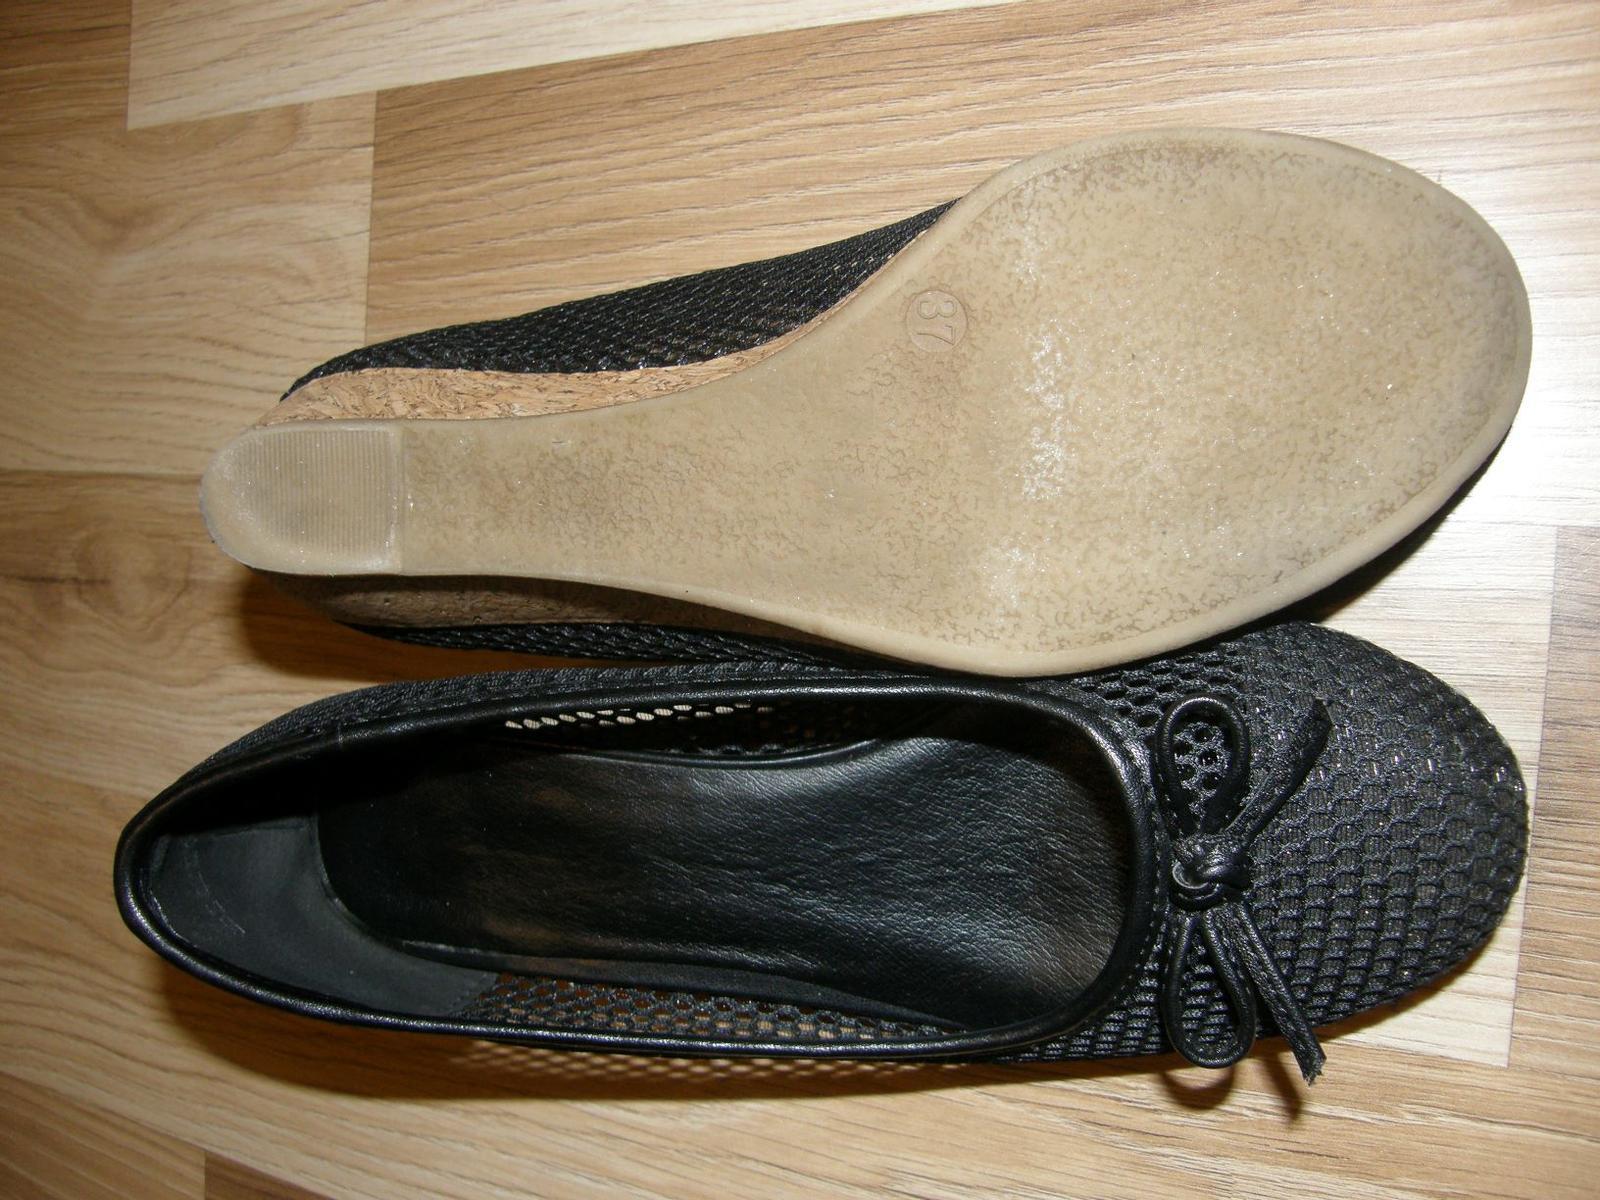 Topánky s klinovým opätkom - Obrázok č. 4